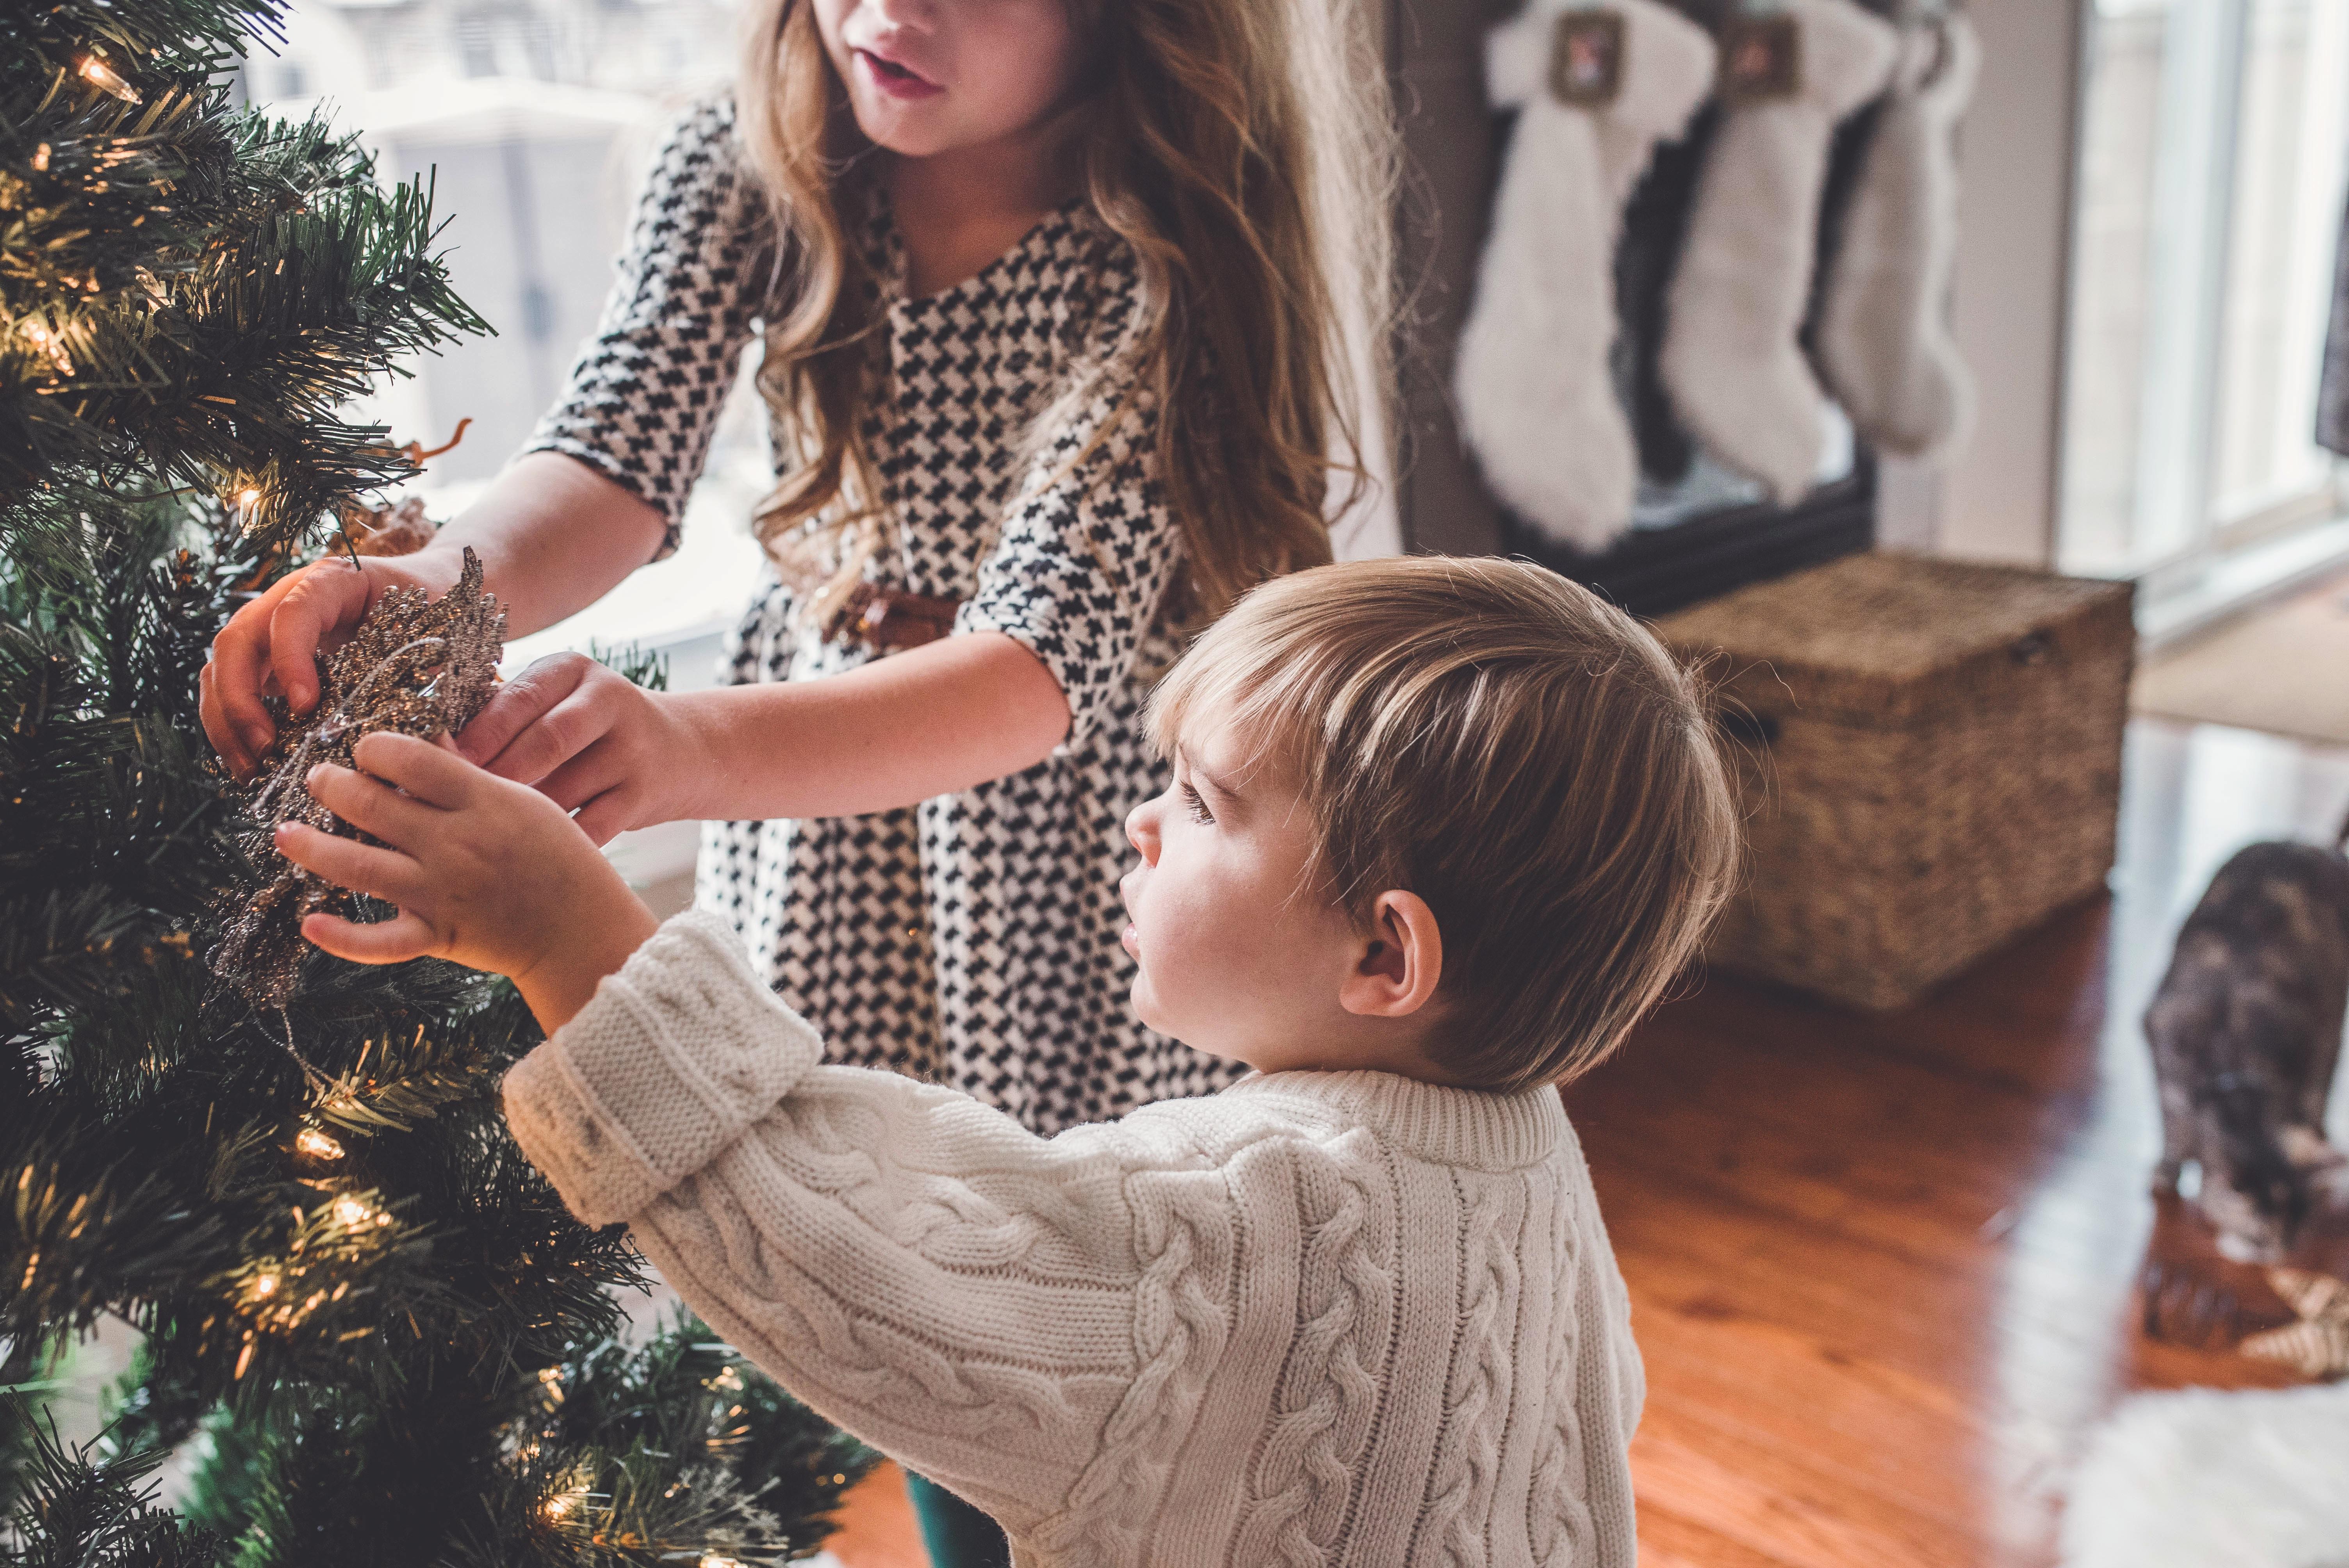 activiteiten voor in de herfstvakantie met kinderen - kinderen bij kerstboom